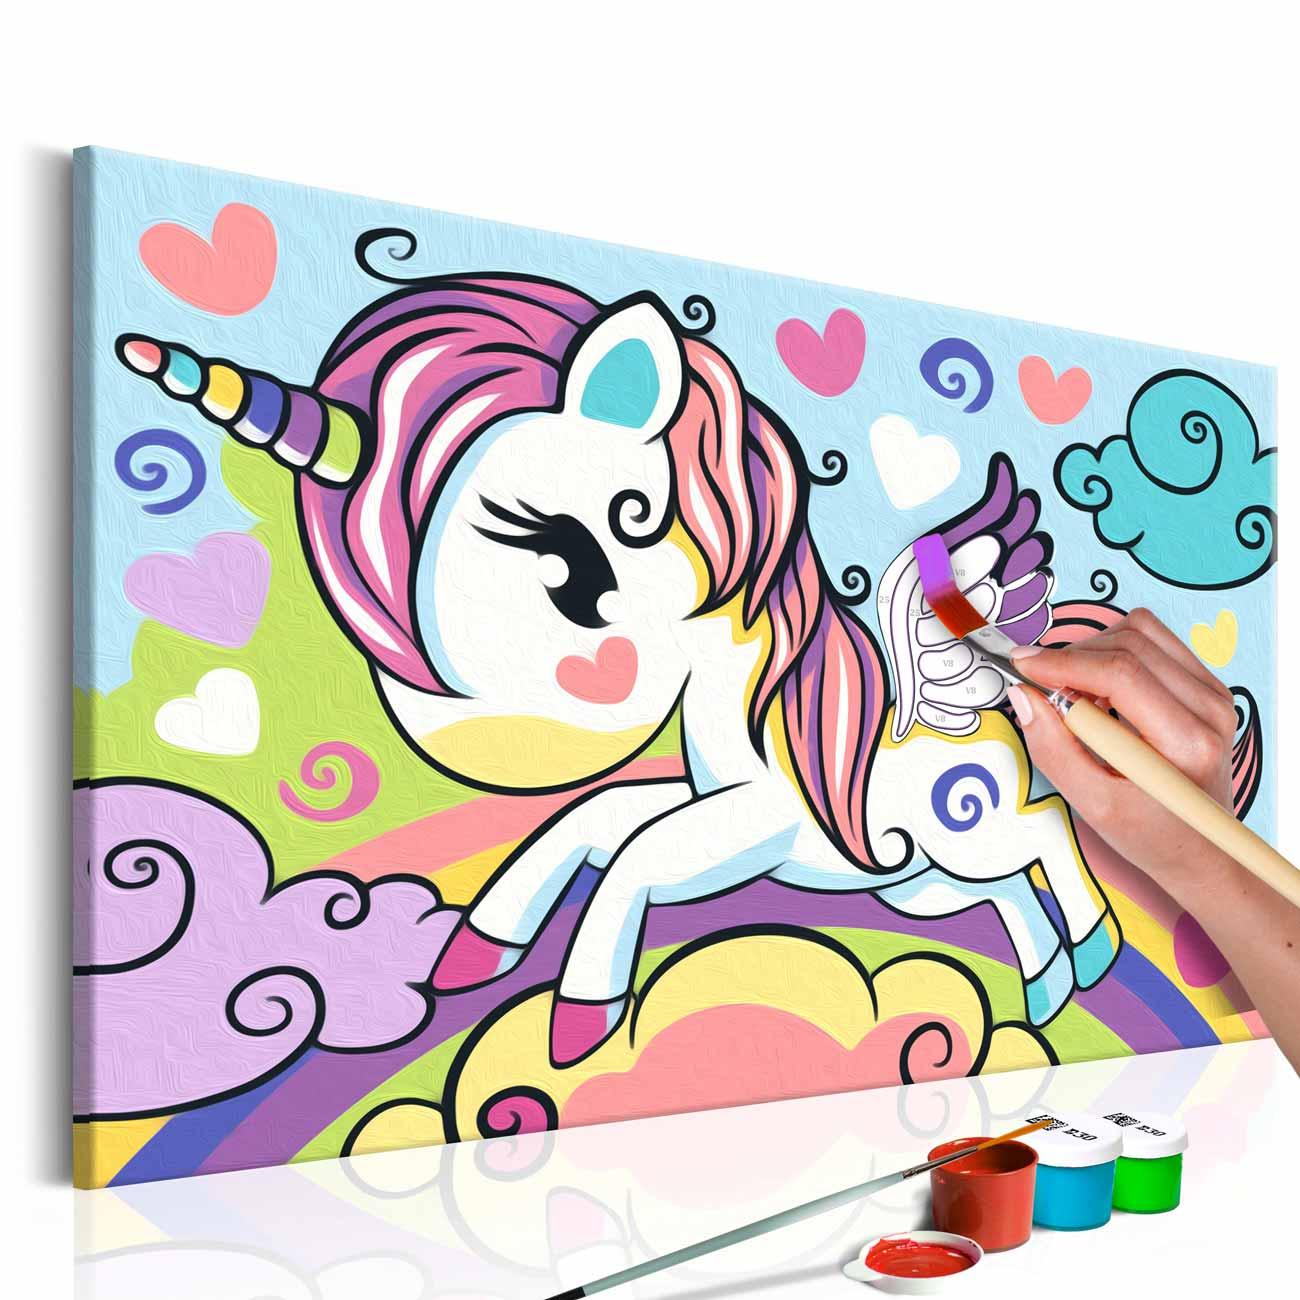 Artgeist diy colourful unicorn maleri - hvidt lærred, inkl. maling og pensel (23x90) fra artgeist på boboonline.dk